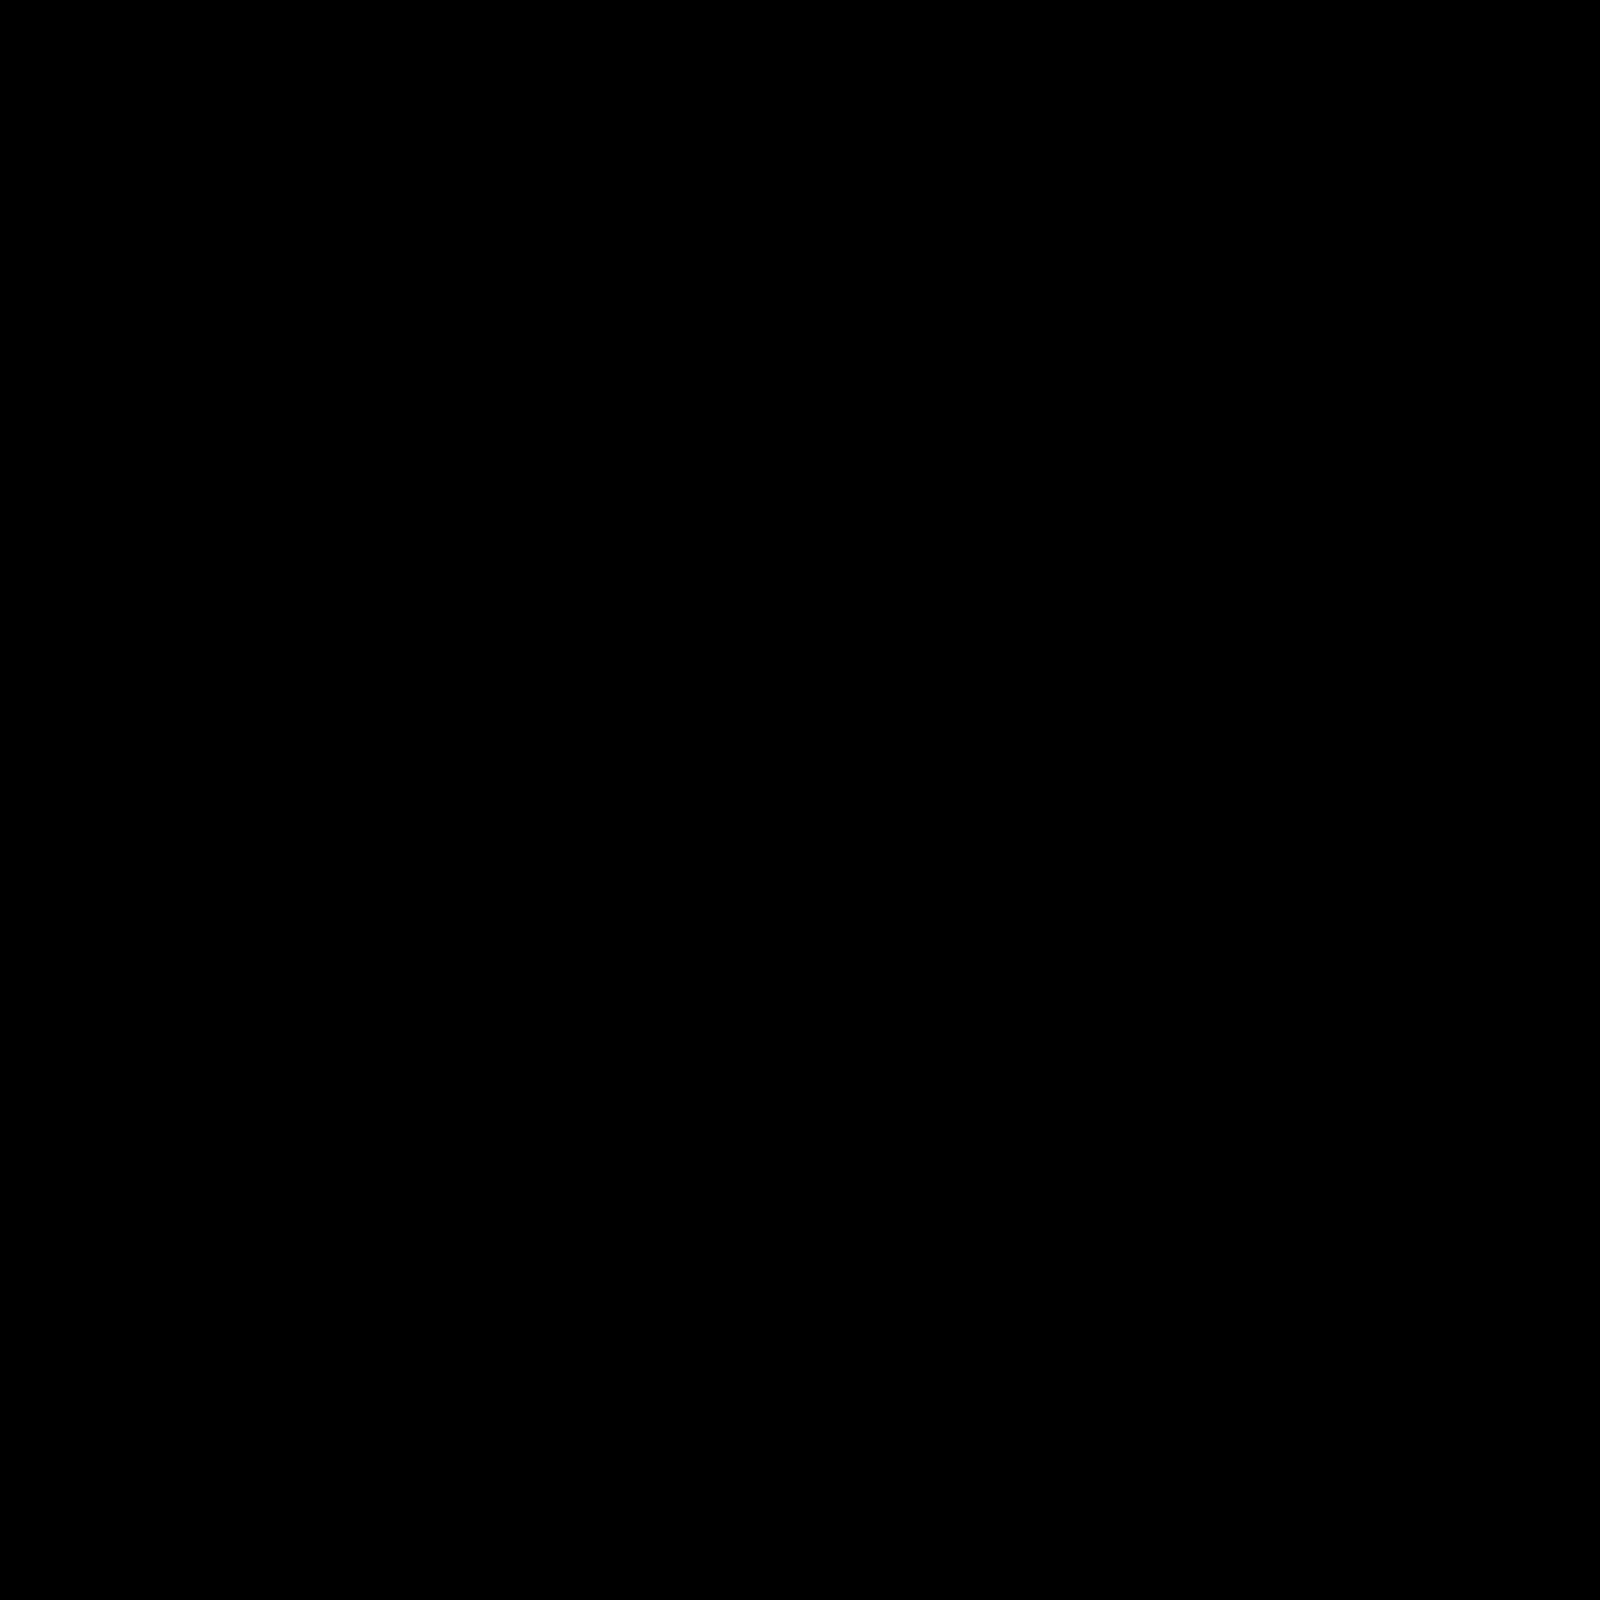 Journal Vector